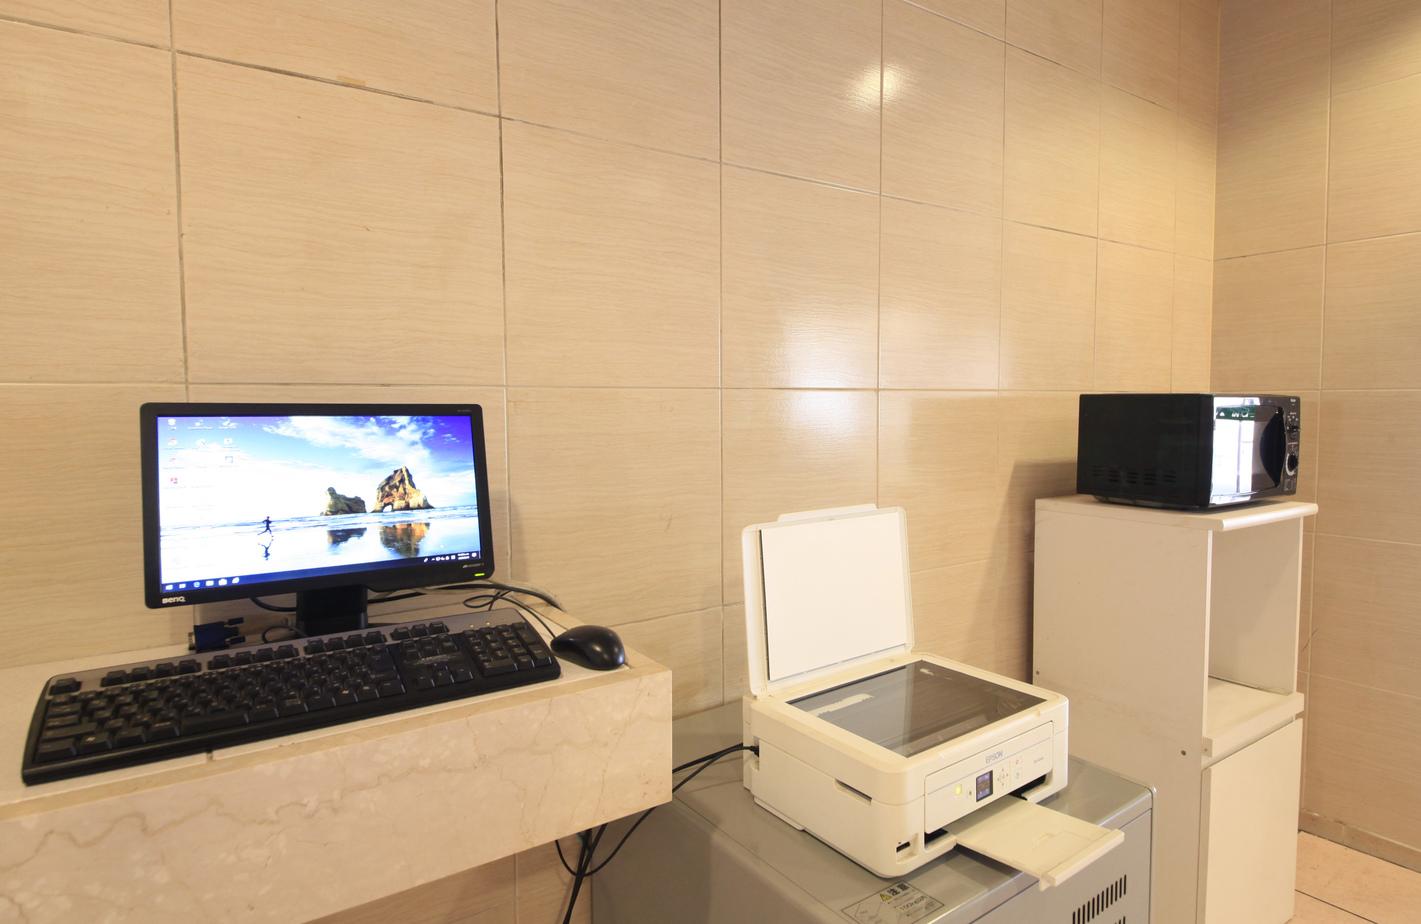 1Fロビー 無料開放パソコン・プリンター有料・電子レンジ